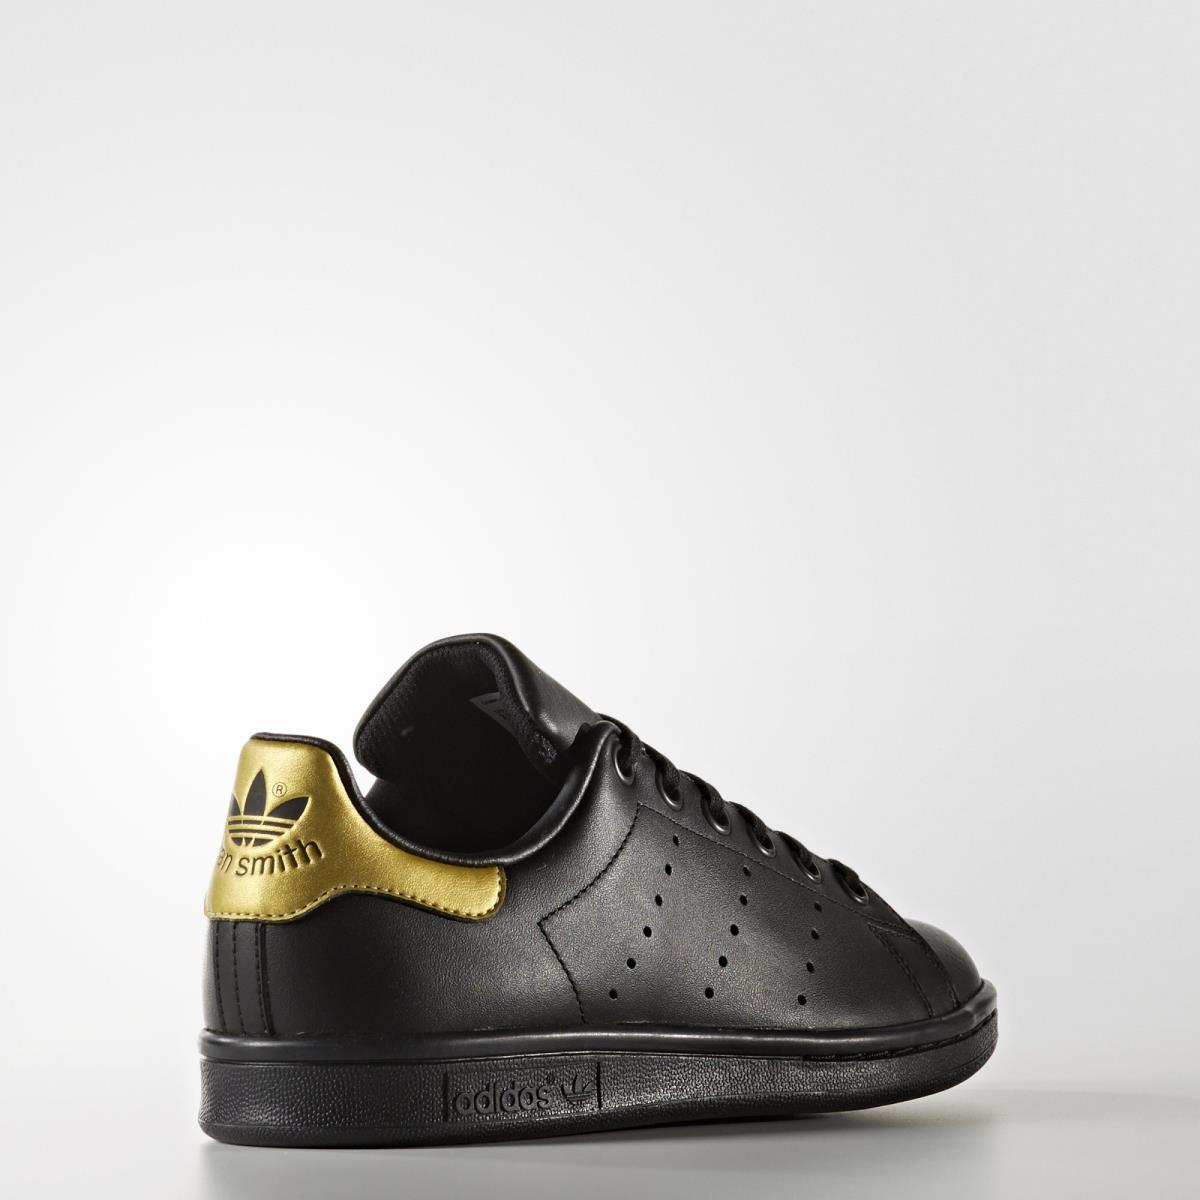 adidas stan smith nere oro